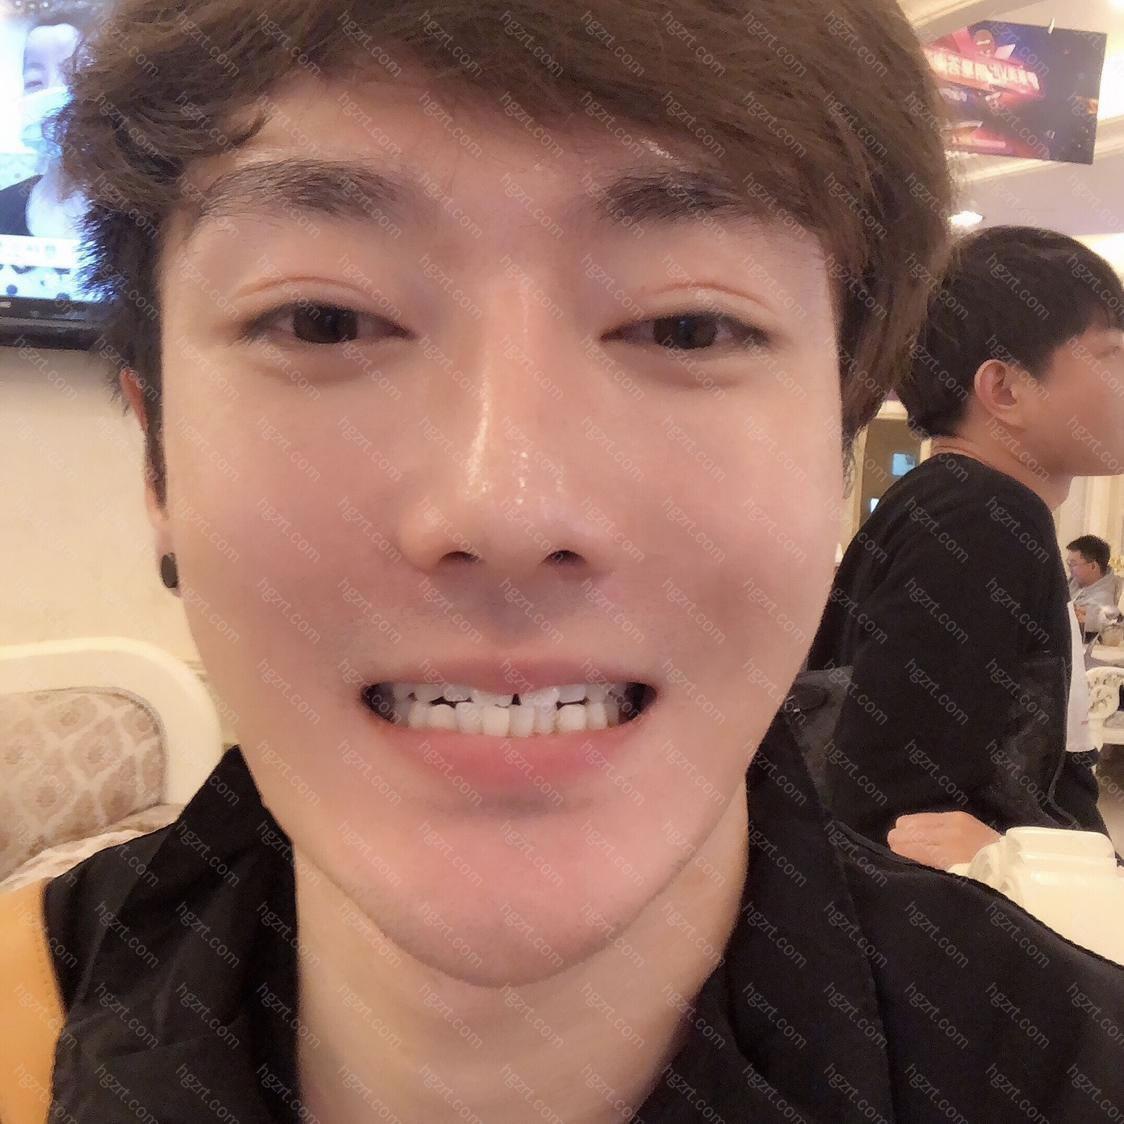 呜呼!昨天终于把心心念念的牙齿矫正在上海伊莱美整形医院做了!从此我也变成了一名牙套男!啊哈哈哈哈哈~